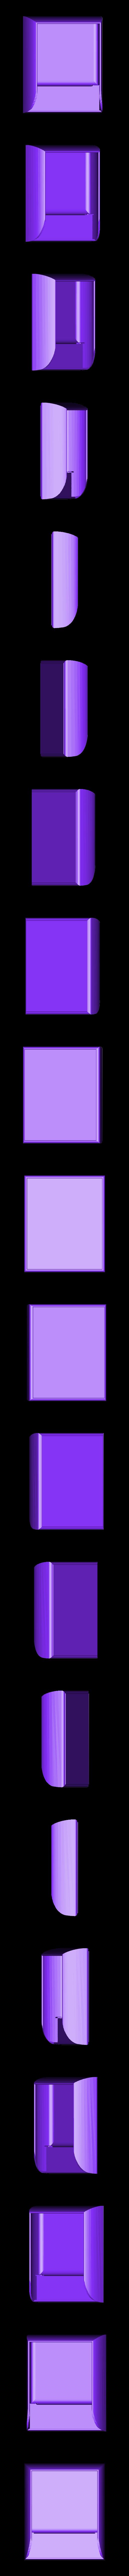 Tweezer_tray.stl Télécharger fichier STL gratuit Plateau pour pince à épiler • Objet pour impression 3D, Georgemacghay